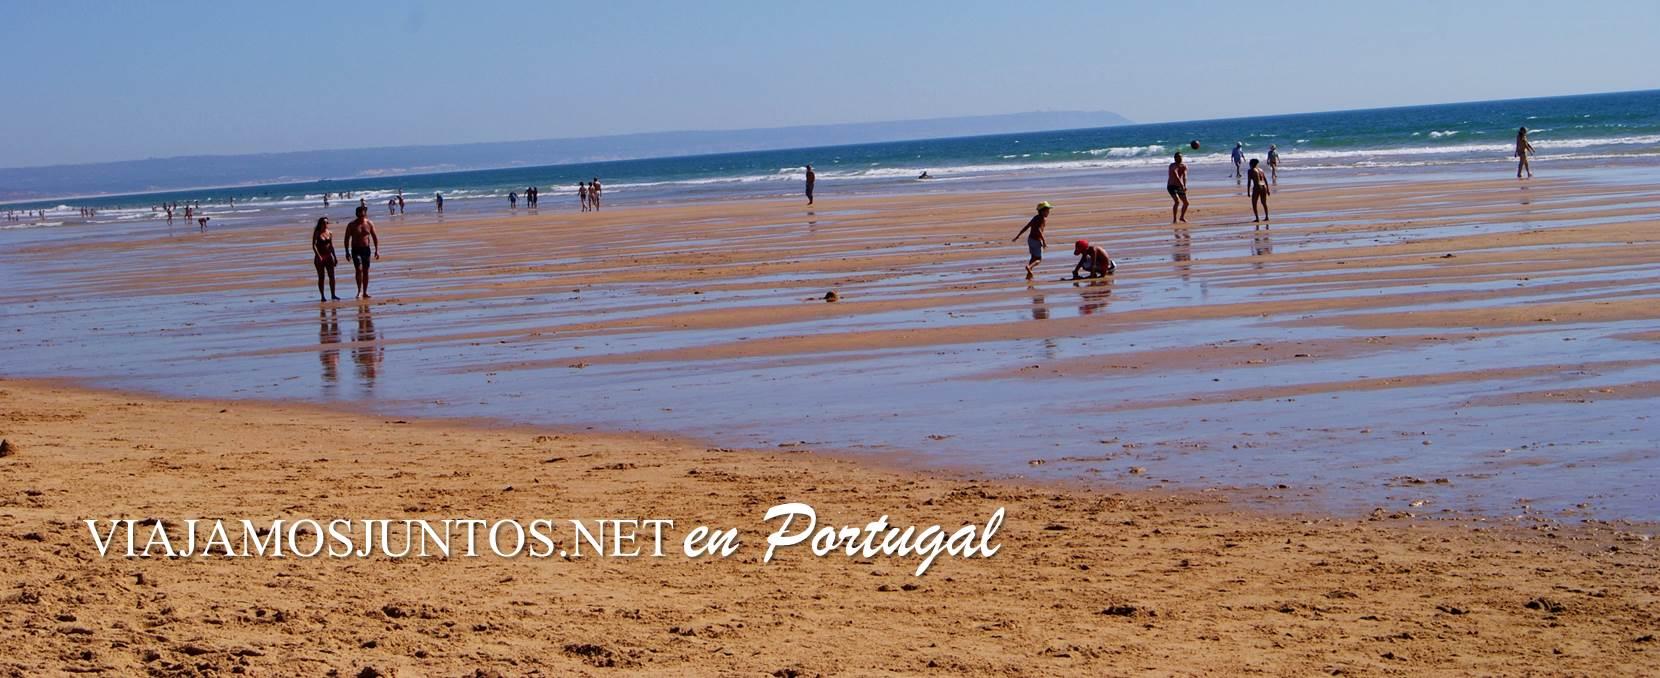 Las playas de Caparica Mejores playas de la Península Ibérica